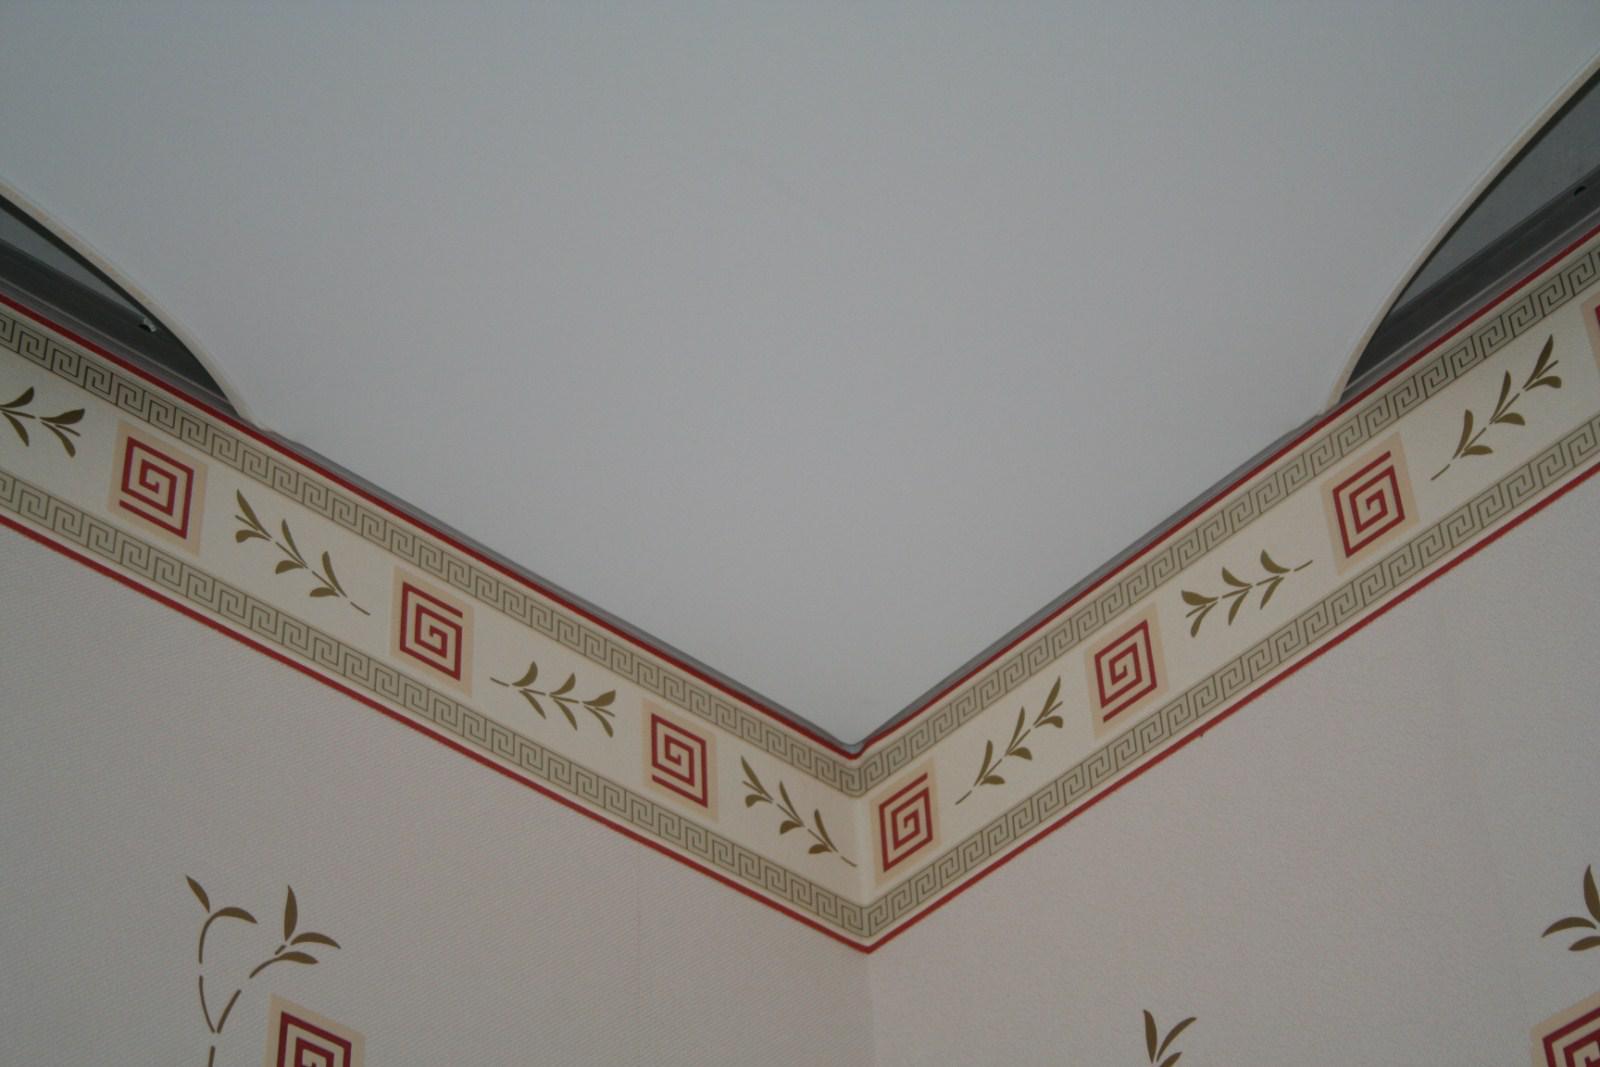 Матовые натяжные потолки (57 фото): плюсы и минусы, выбор цвета для спальни, черные и бежевые модели с рисунком